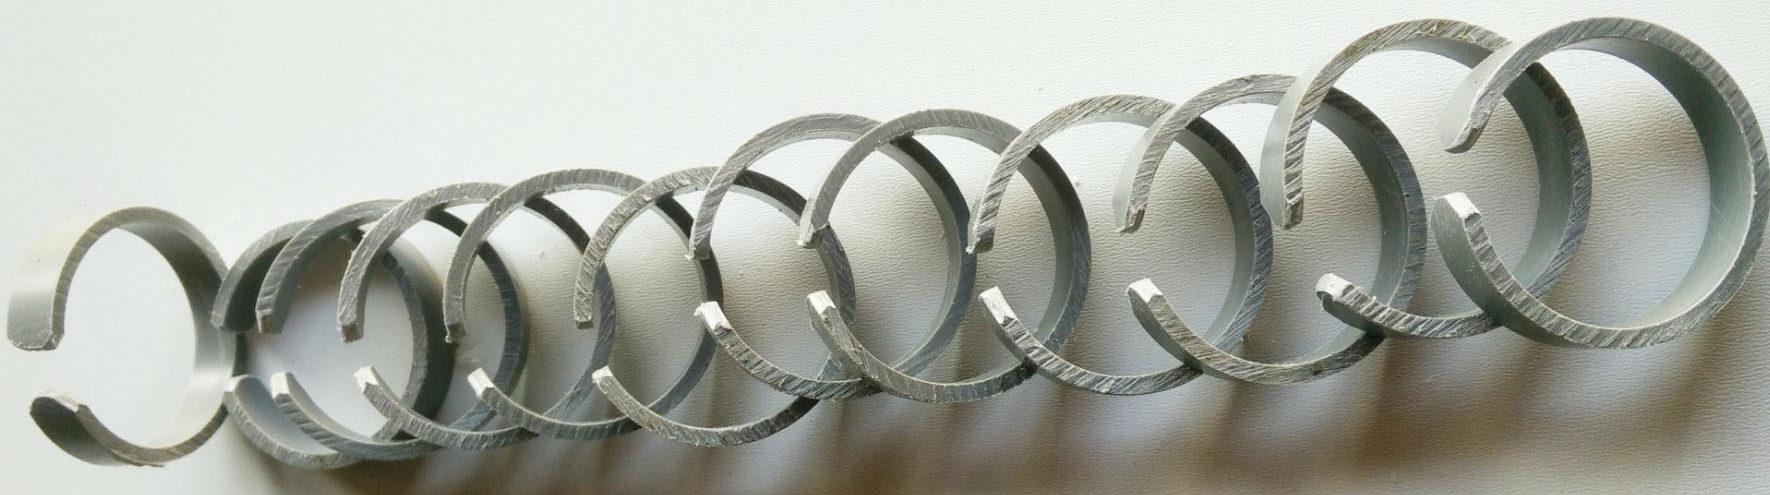 Cryptex maken - ringen maken en afronden